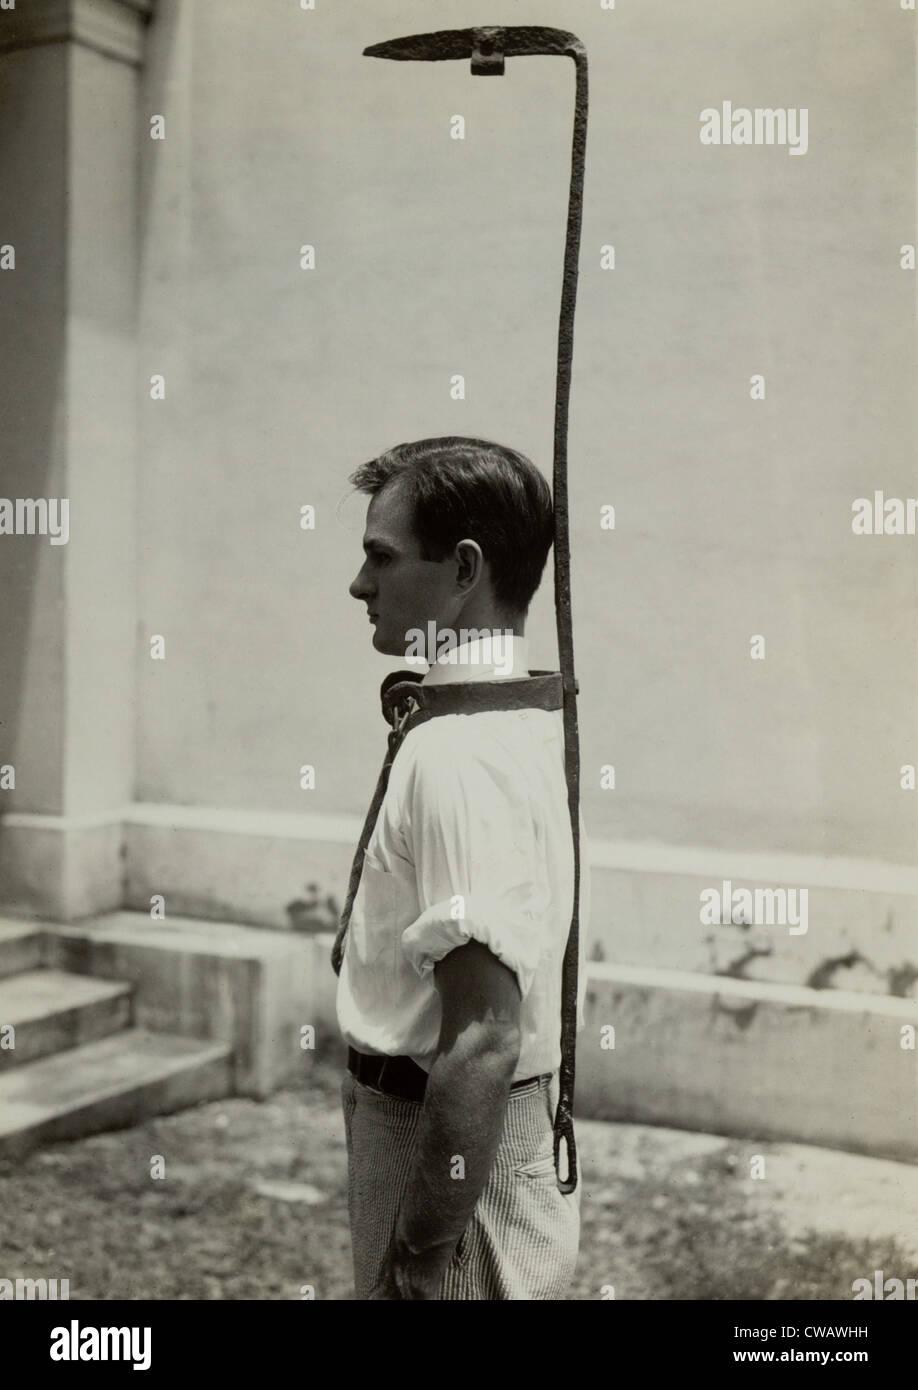 Modello indossa una campana di slave rack, un usato slave per i proprietari di un handicap runaway slave. Originariamente Foto Stock